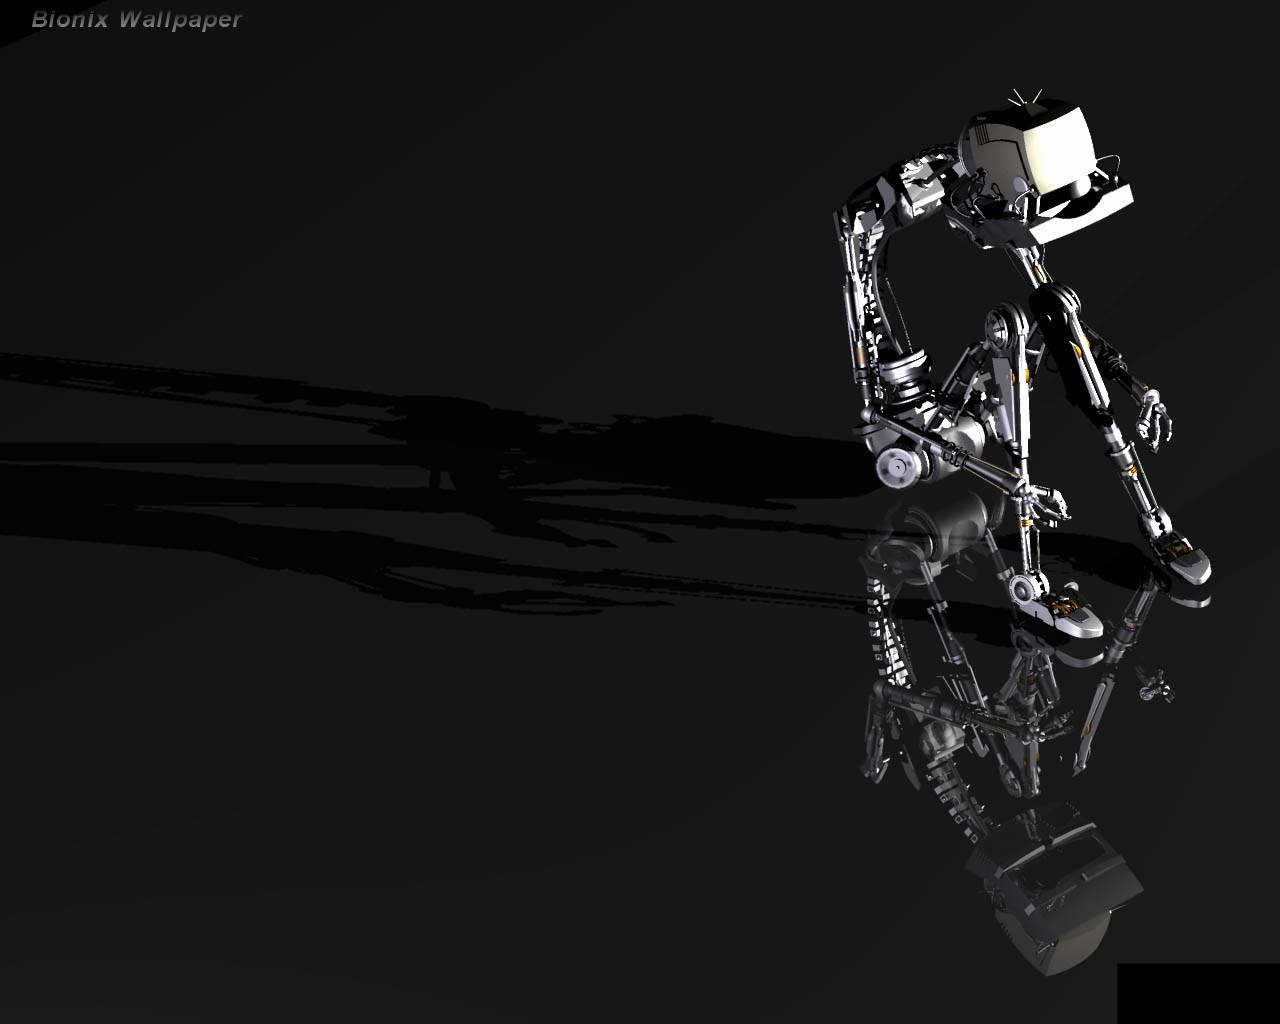 Robot wallpaper  hd wallpapers widescreen desktop backgrounds background high definition cool ...